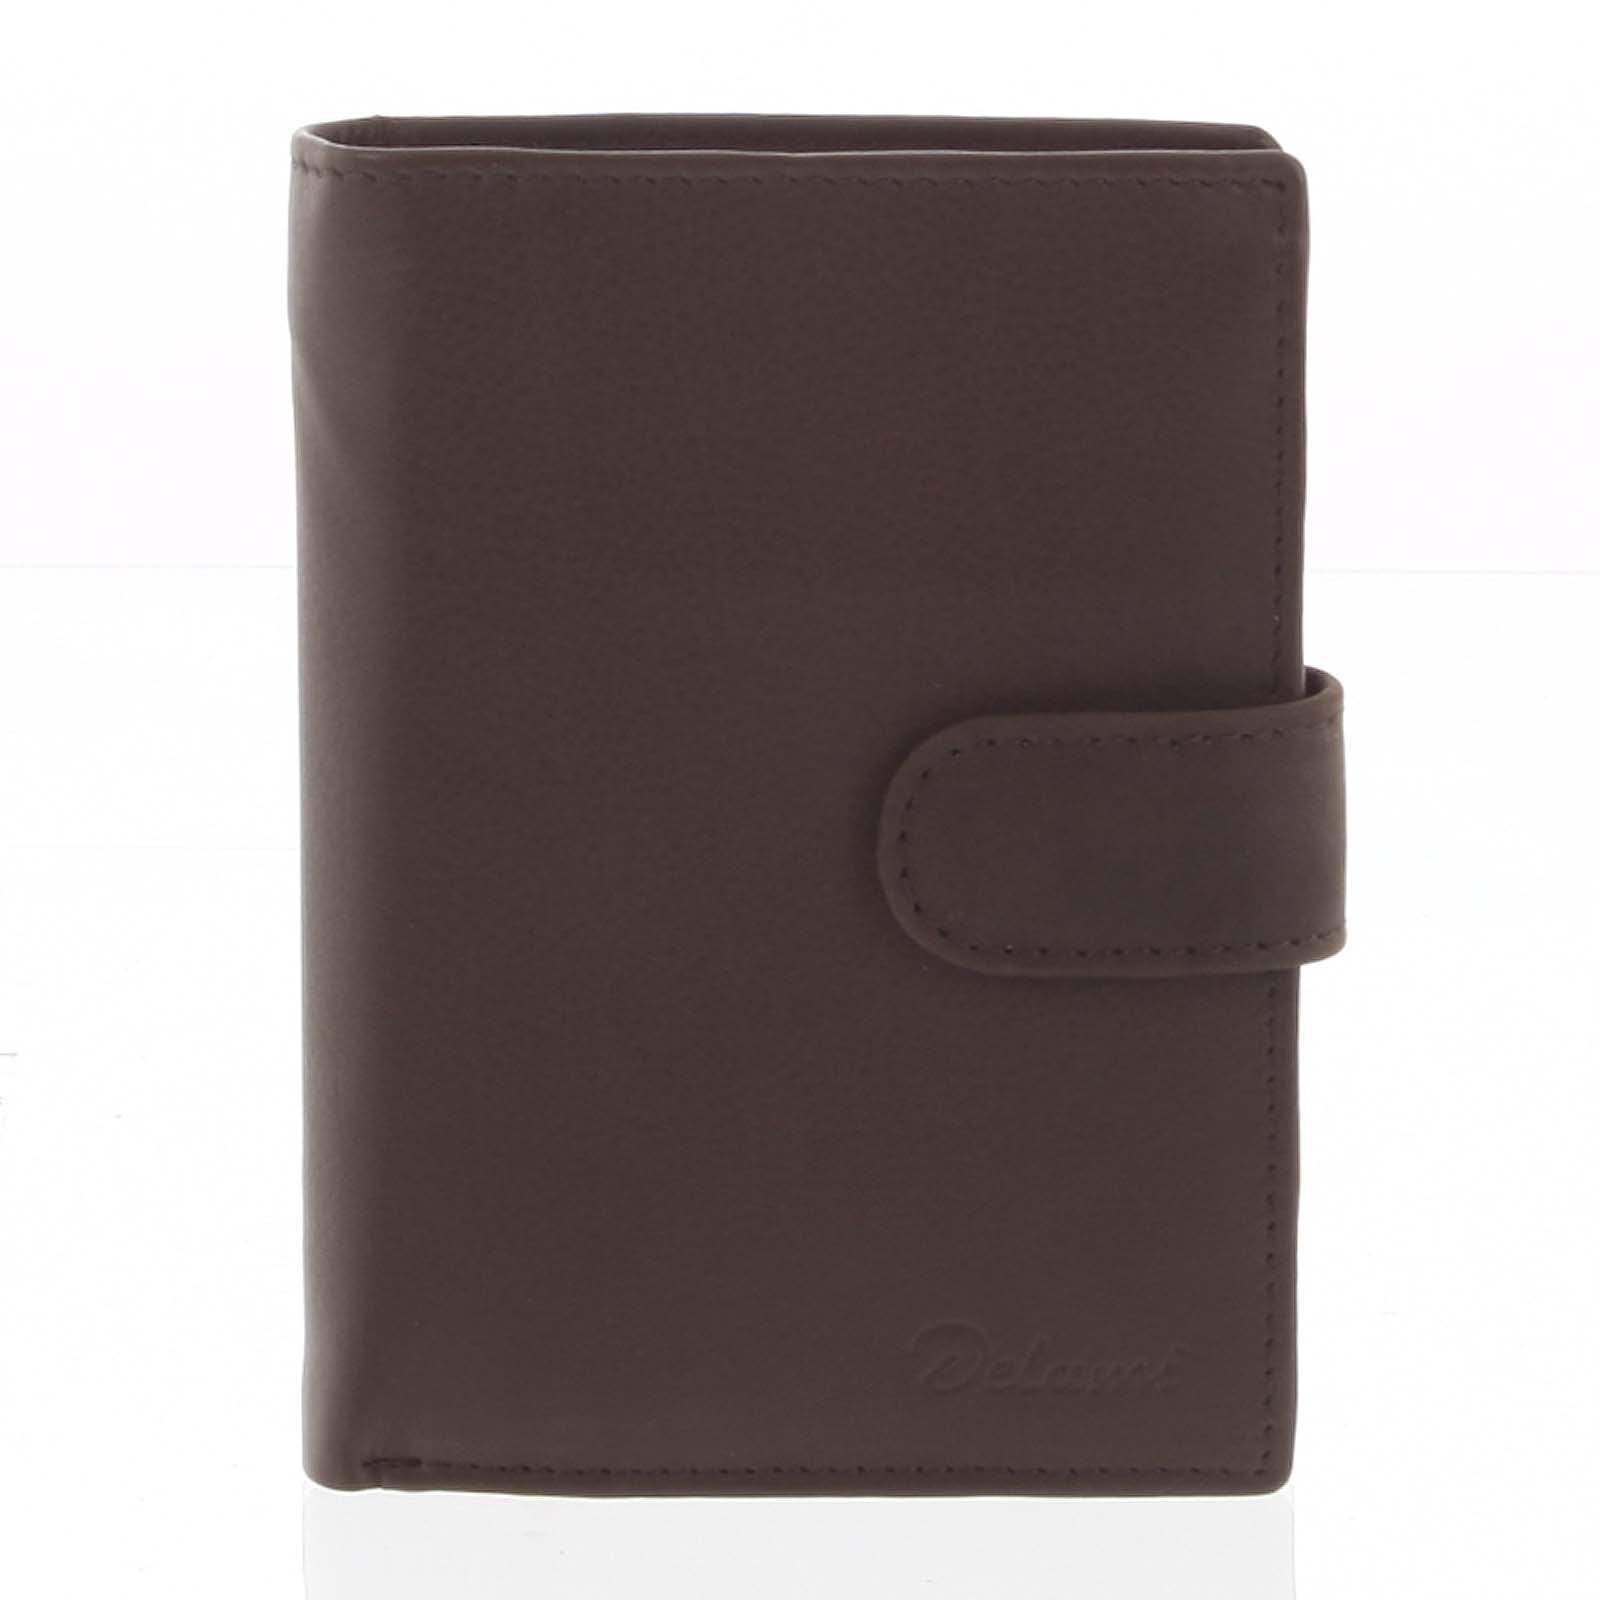 Pánska kožená hnedá peňaženka - Delami 8703